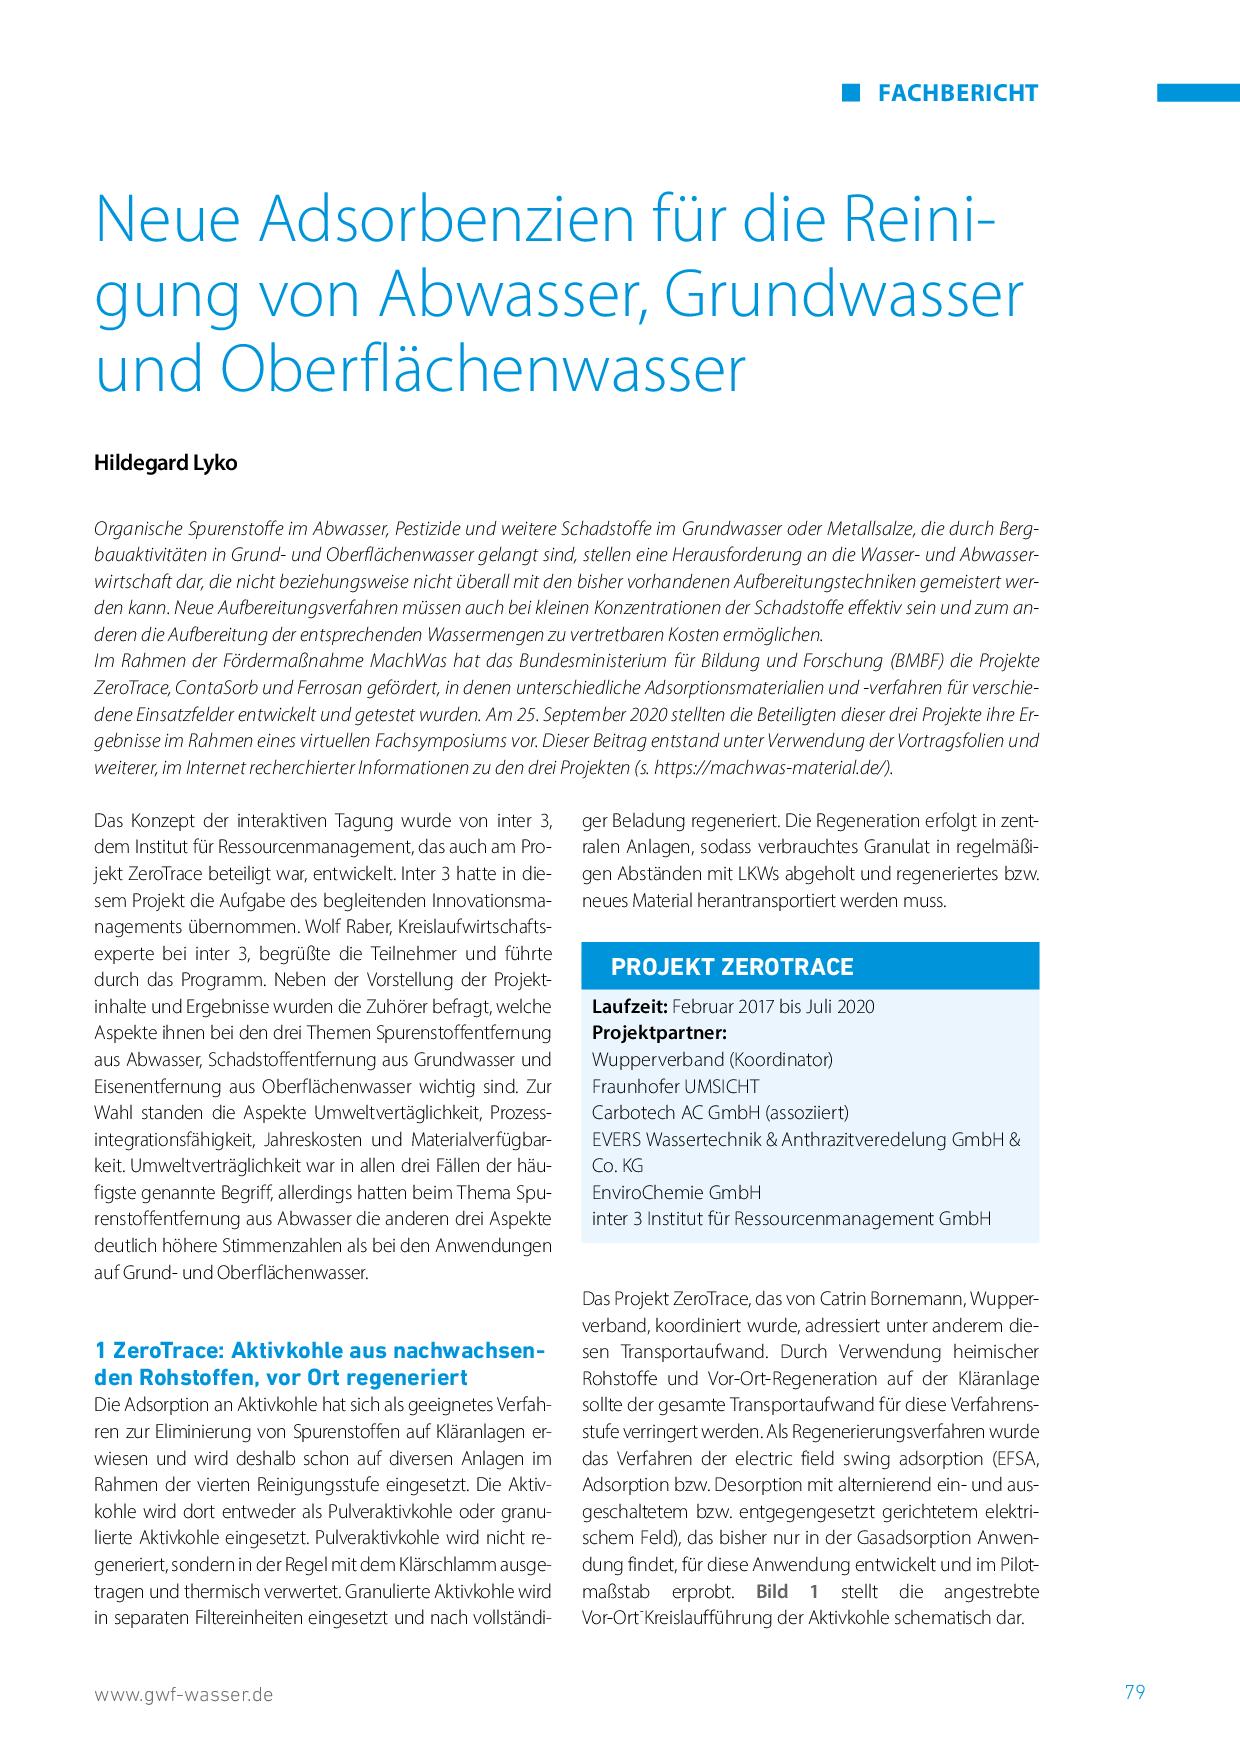 Neue Adsorbenzien für die Reinigung von Abwasser, Grundwasser und Oberflächenwasser